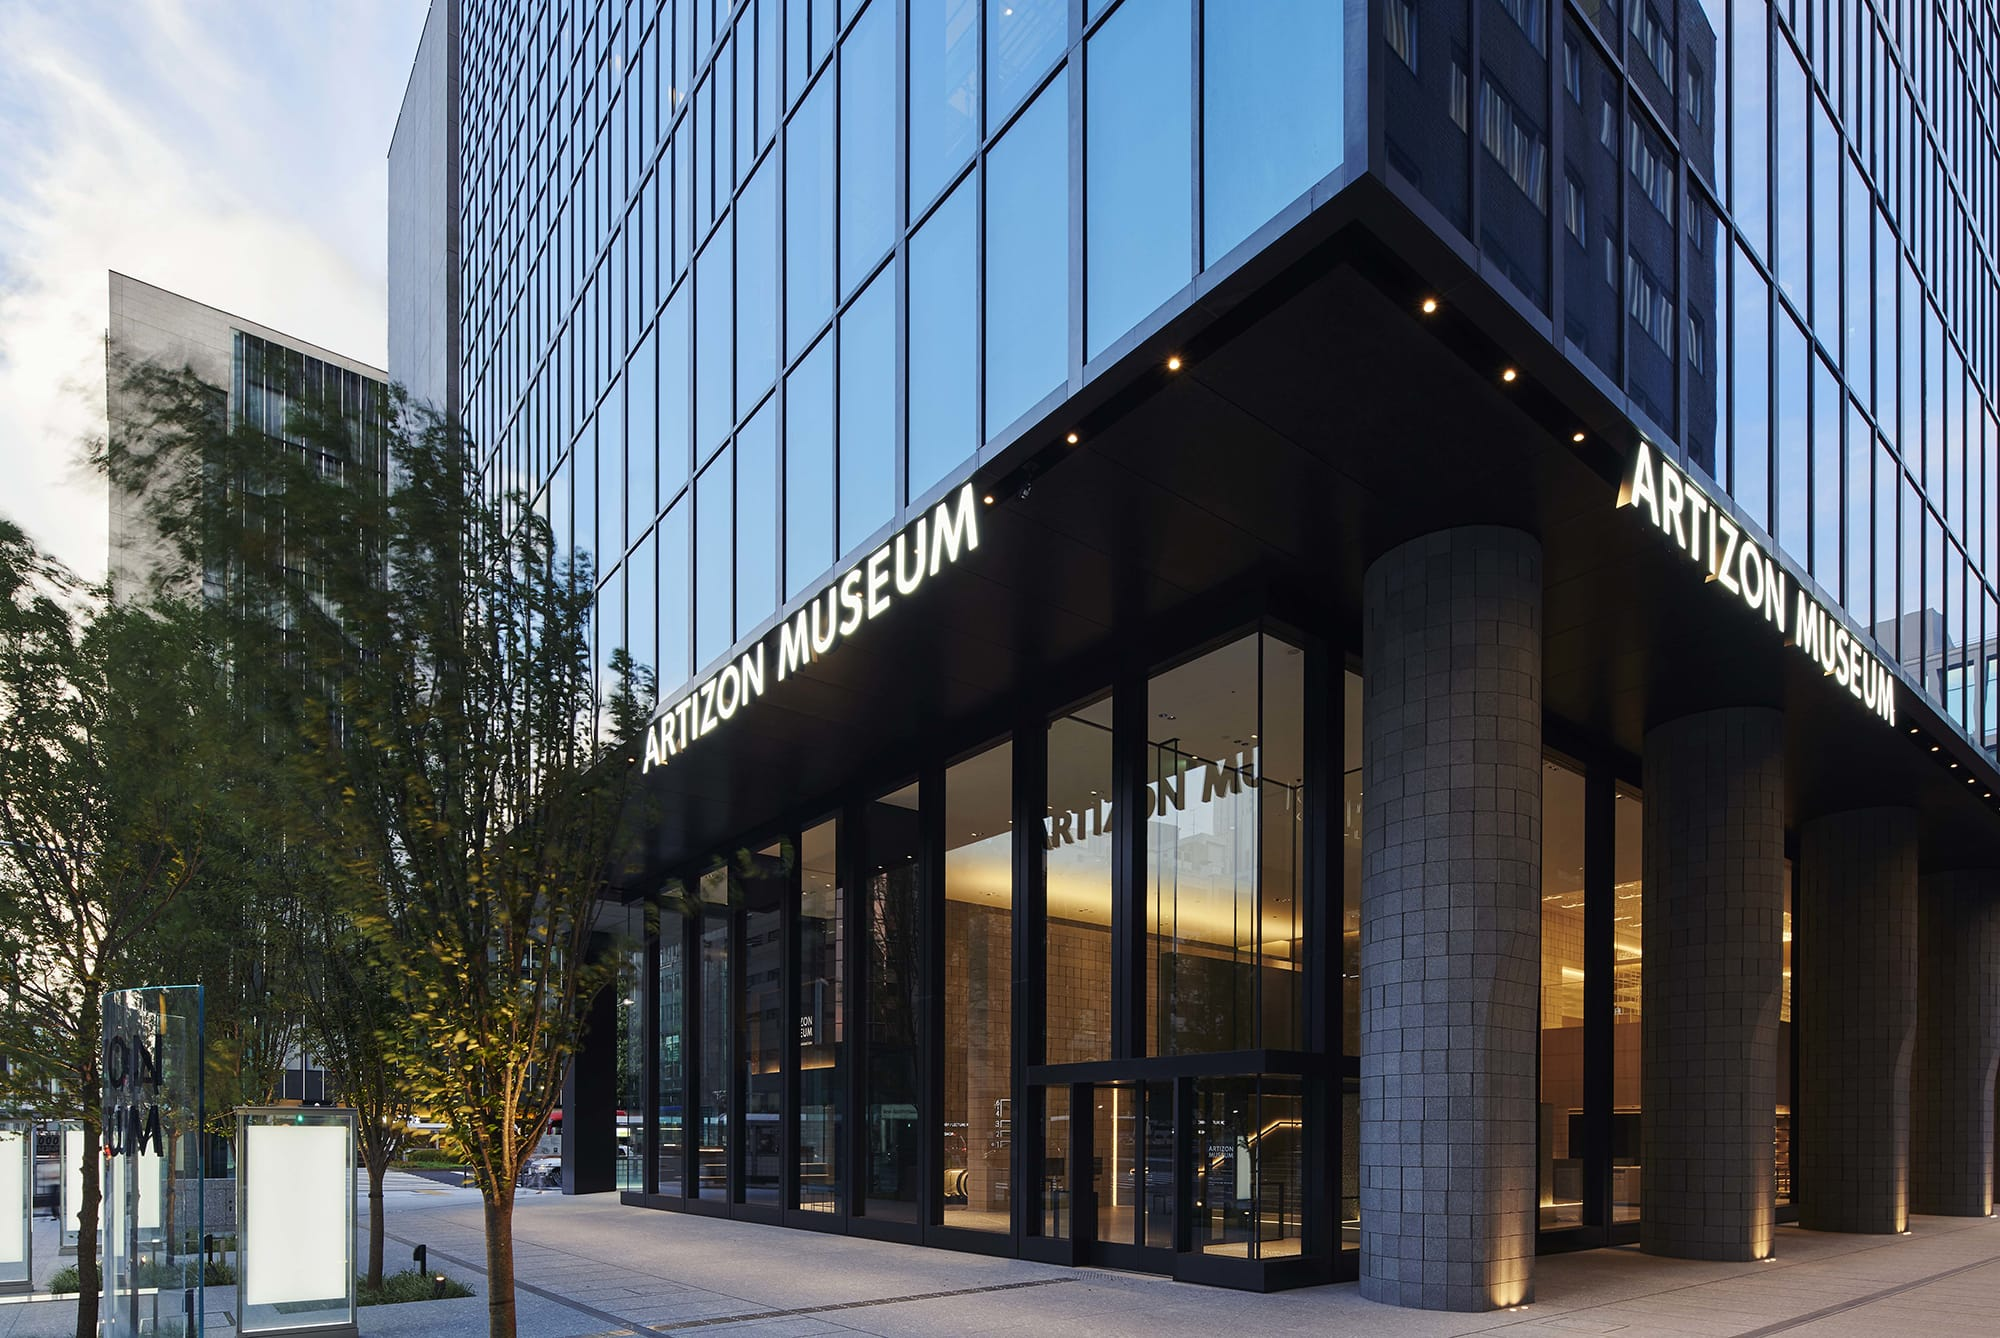 「アーティゾン美術館」は、ミュージアムタワー京橋の4階から6階の3フロアにあり、最新の照明や空調設備を備えている。